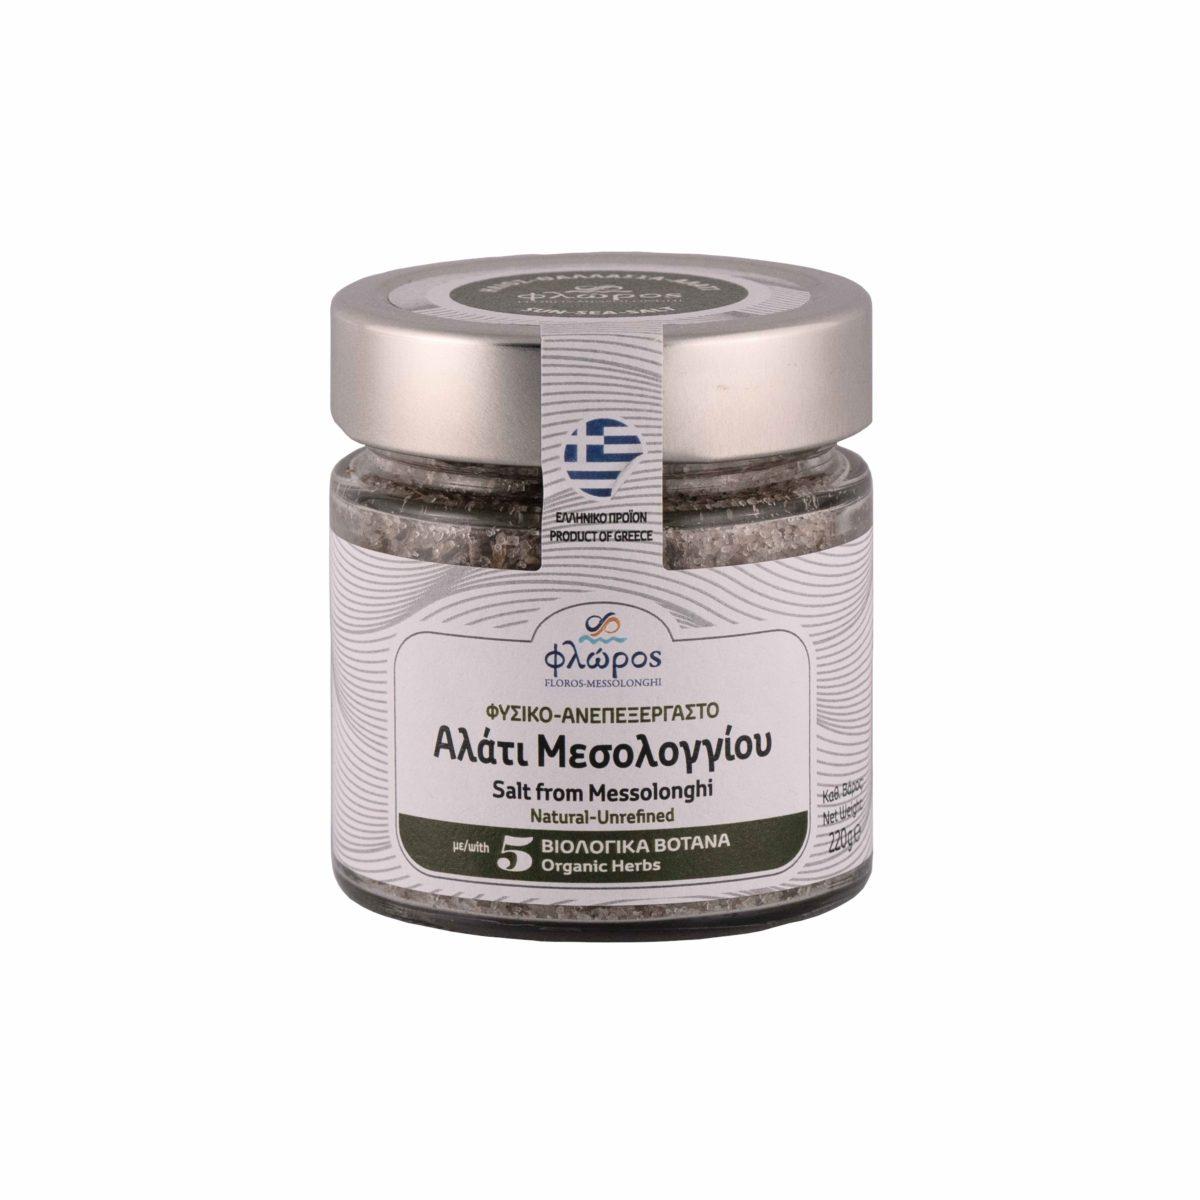 Φυσικό αλάτι Μεσολογγίου